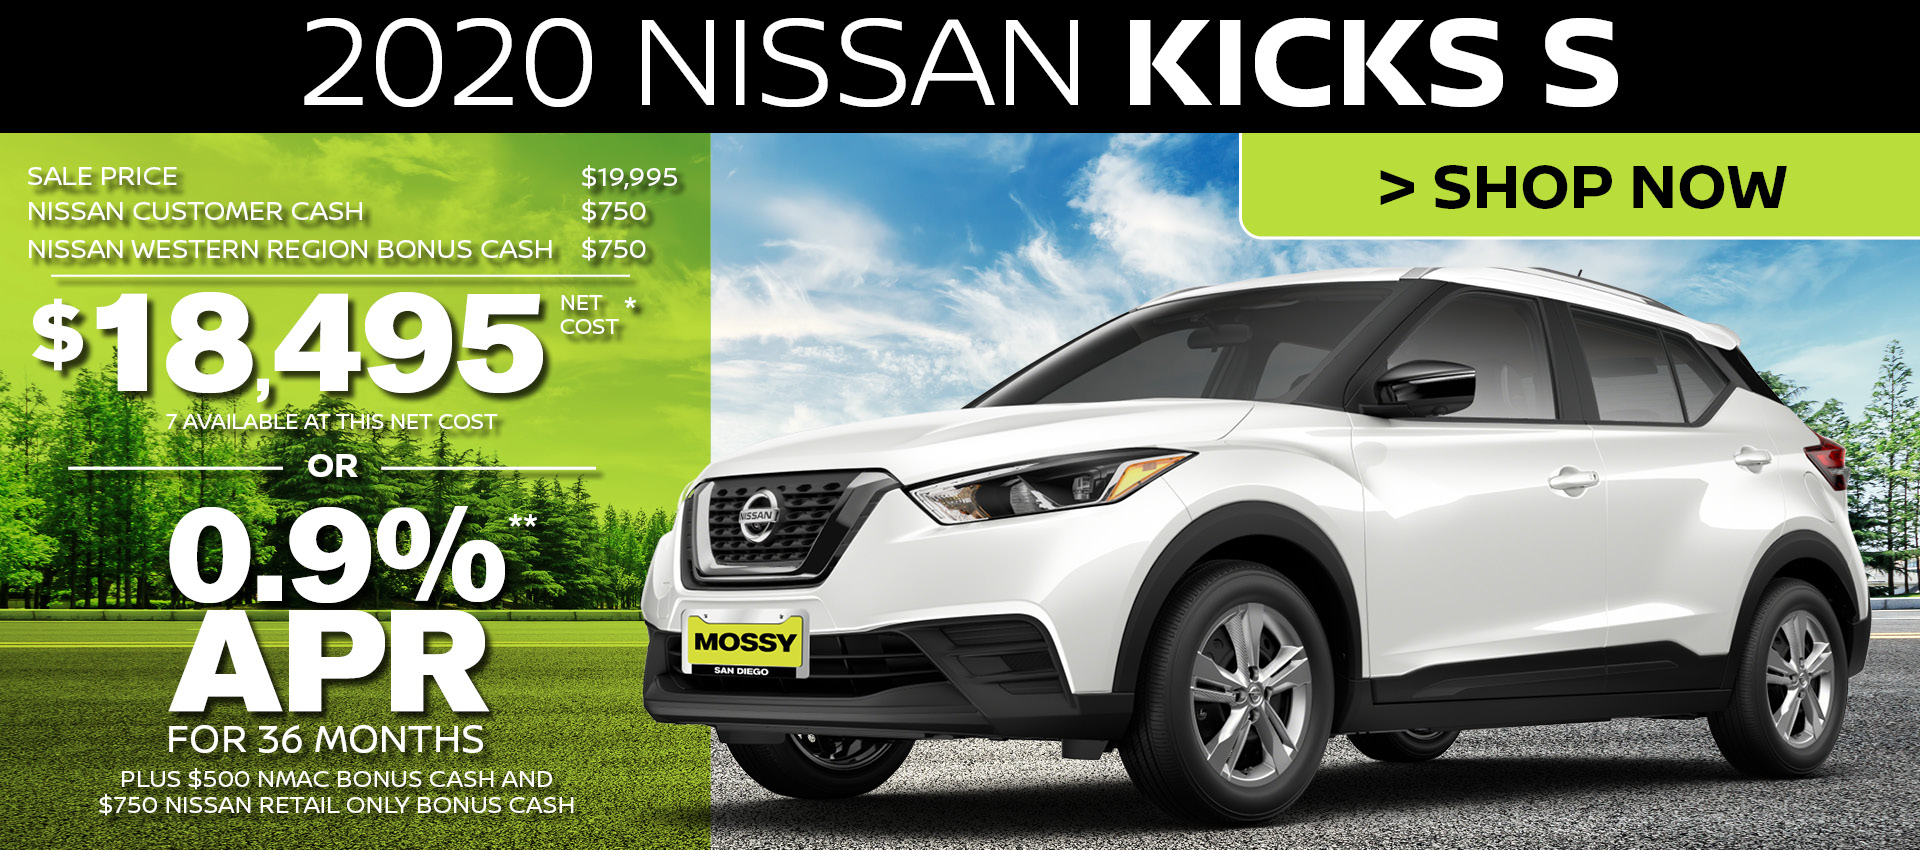 Mossy Nissan - Kicks HP